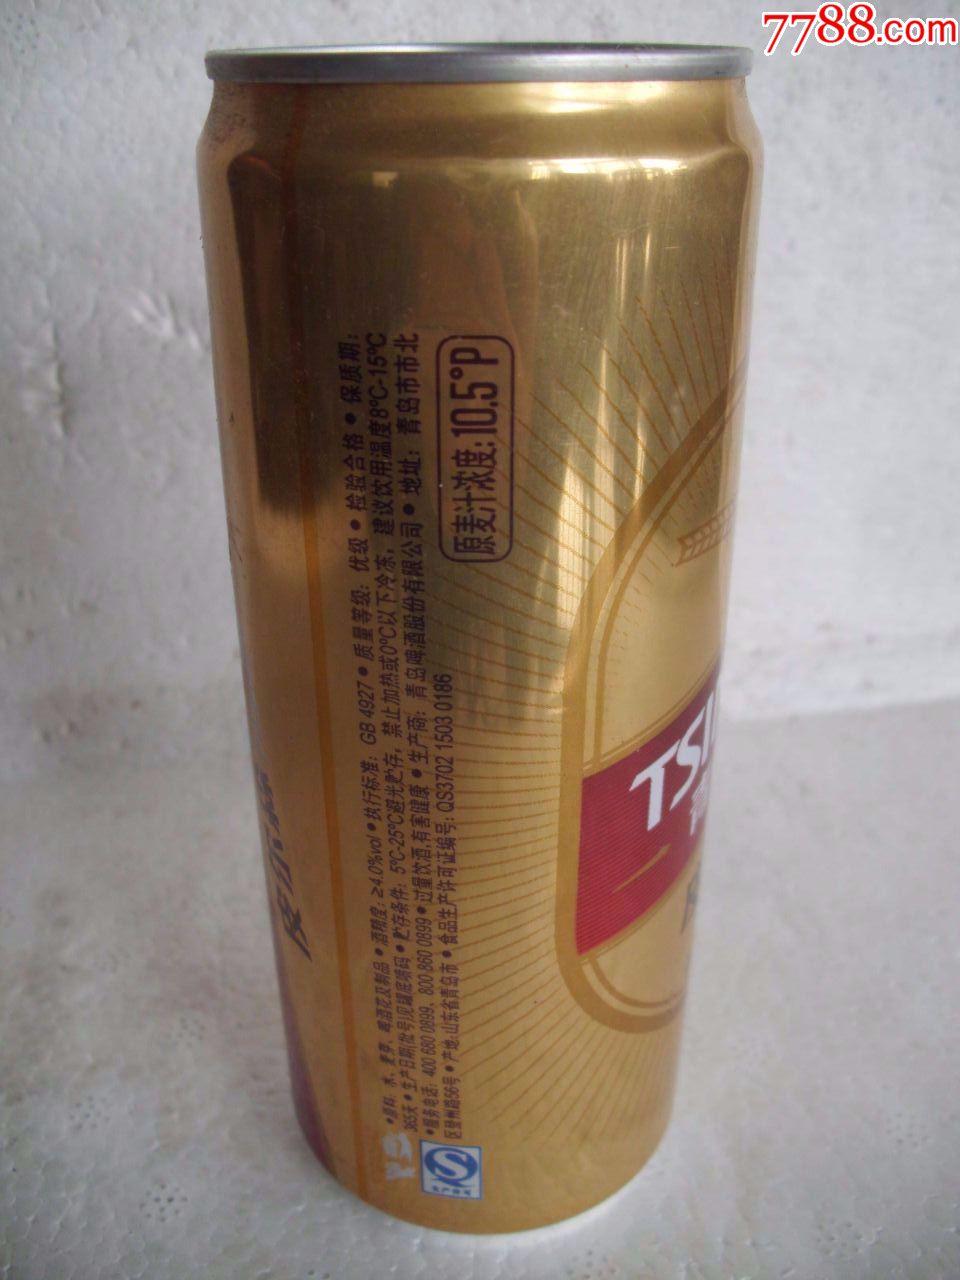 青岛啤酒=皮尔森【330ml】